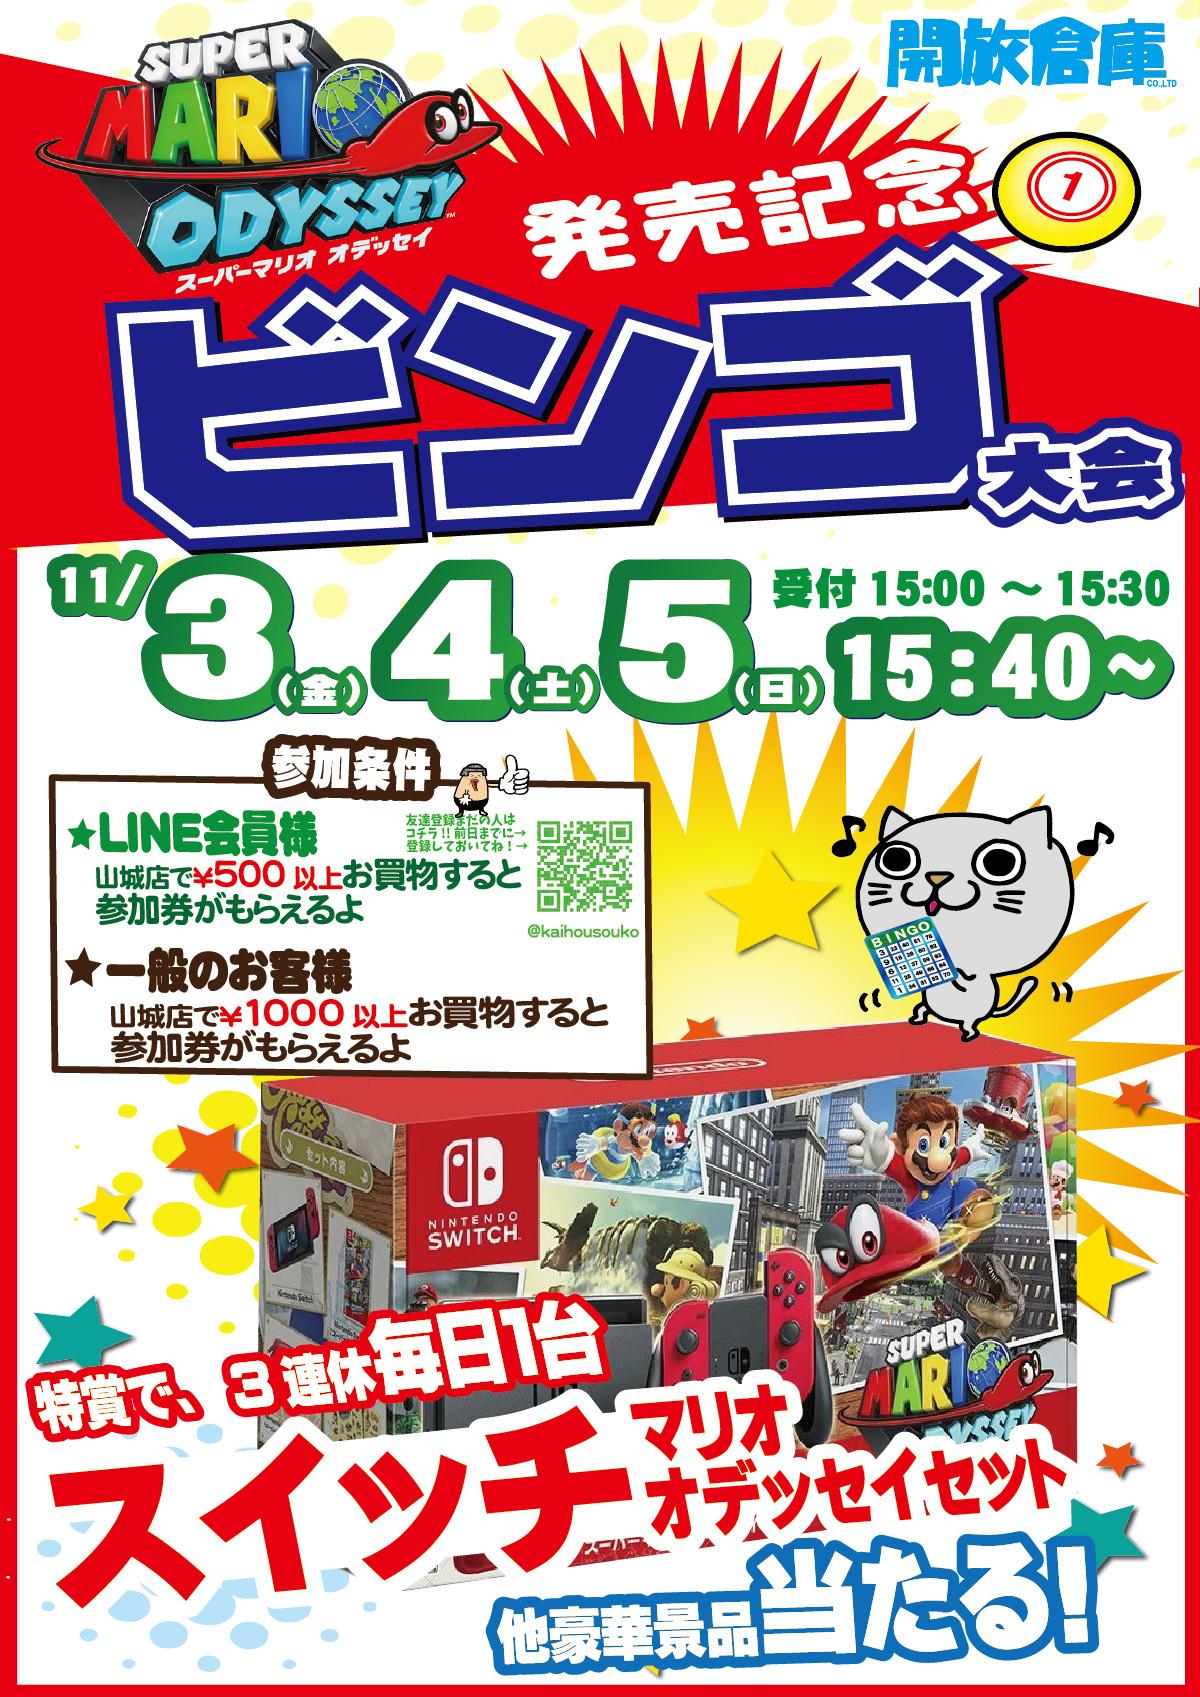 「開放倉庫山城店」3連休/毎日1台「Nintendo Switch スーパーマリオオデッセイセット」が当たる!ビンゴ大会11/3(金)、4(土)、5(日)15:00~受付開始!